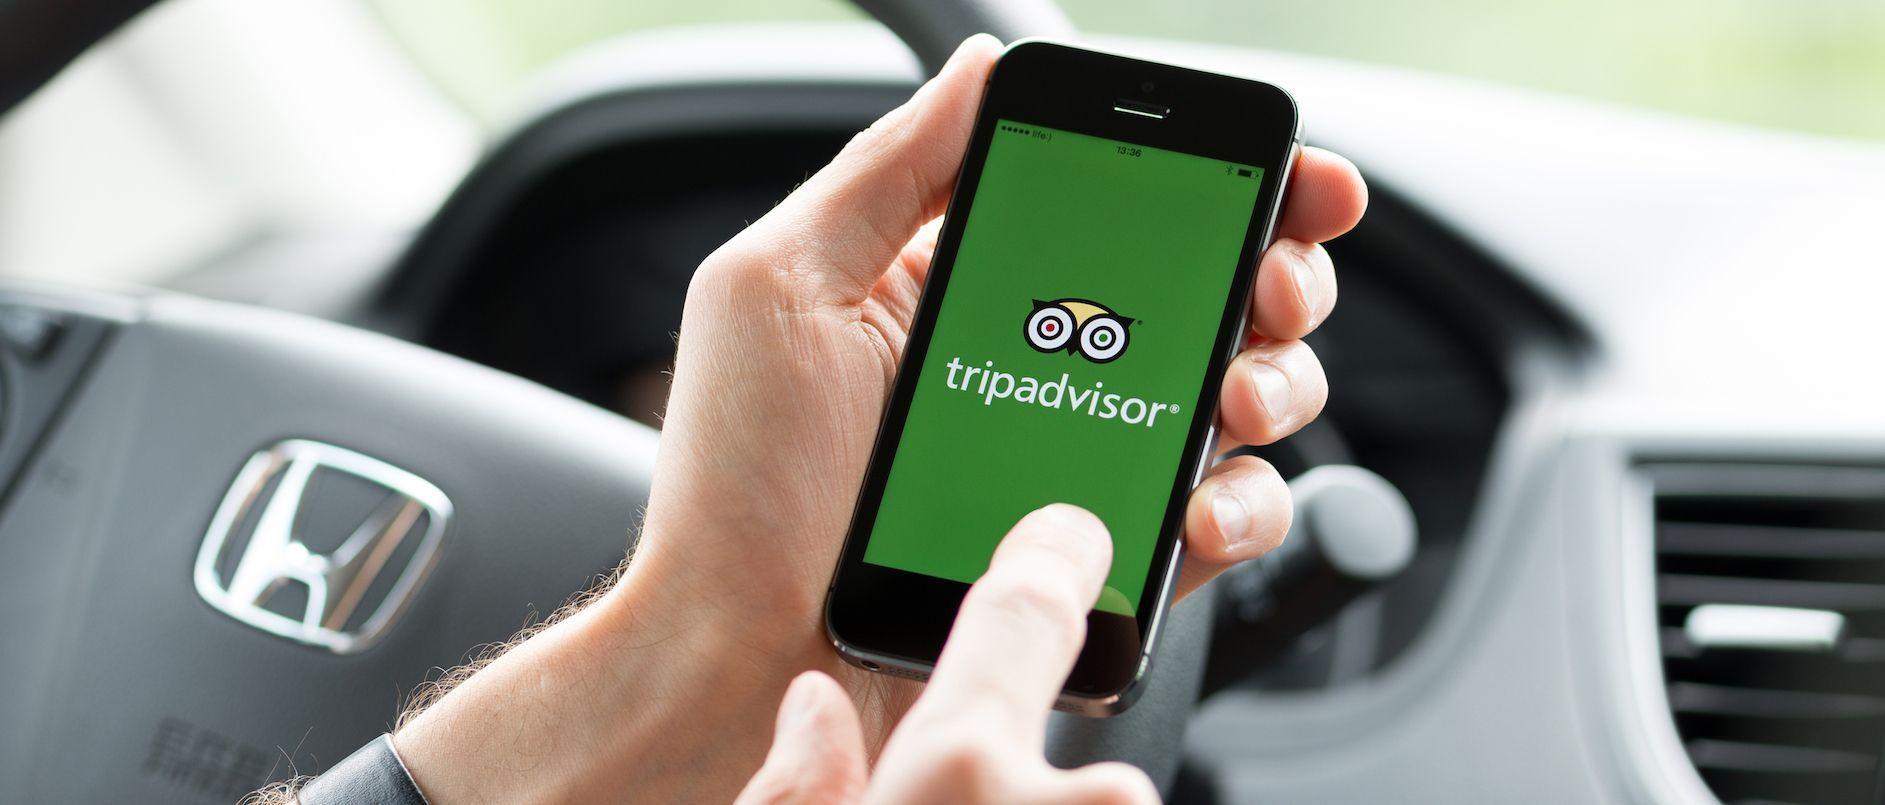 Apps para planear viajes. Foto: www.cerodosbe.com